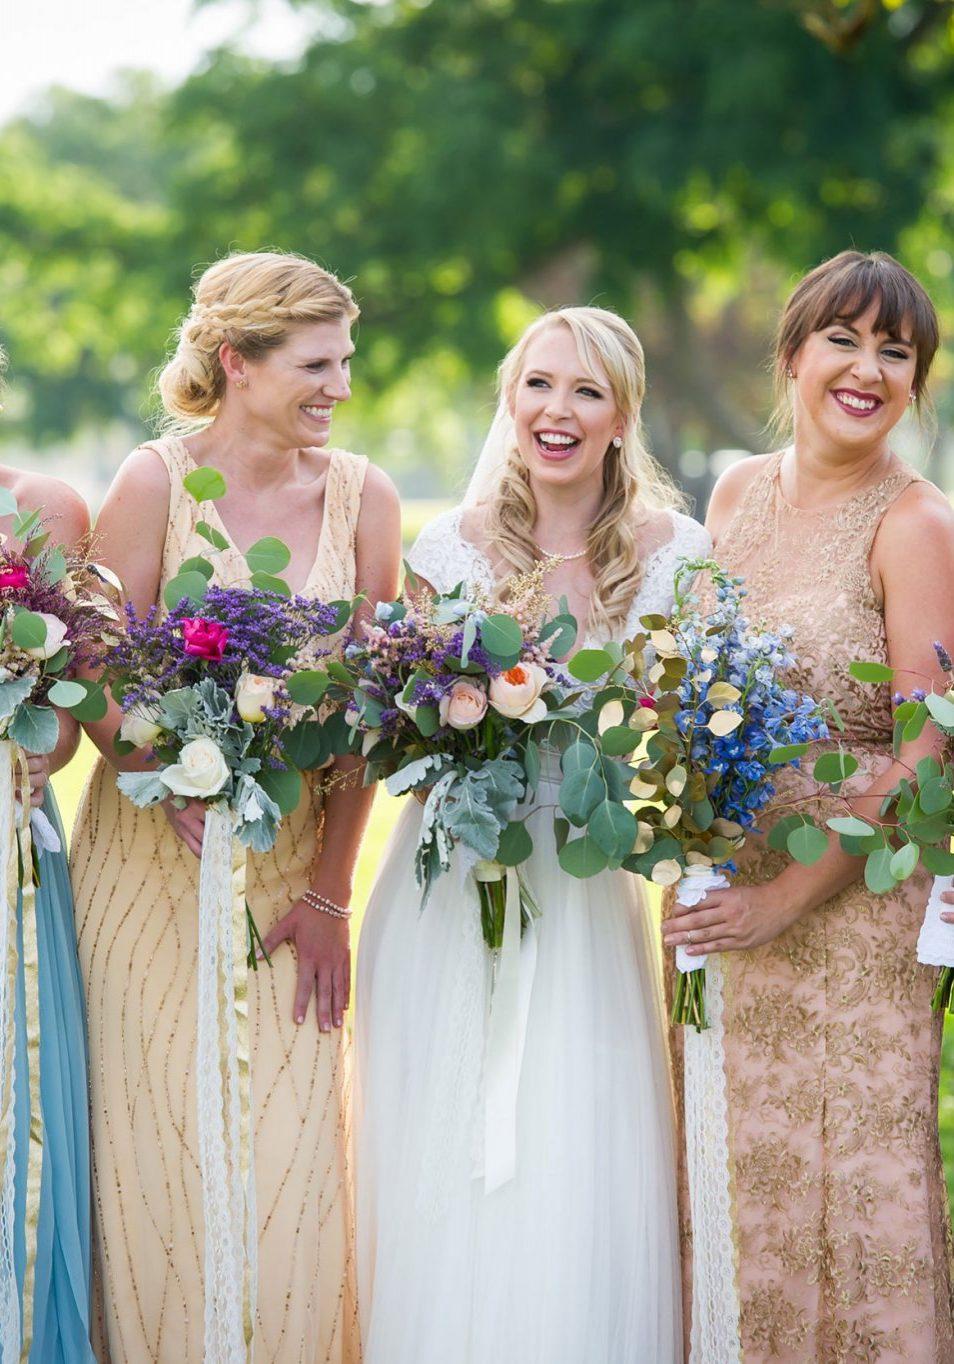 A Simple Southern Wedding in Denver, Colorado